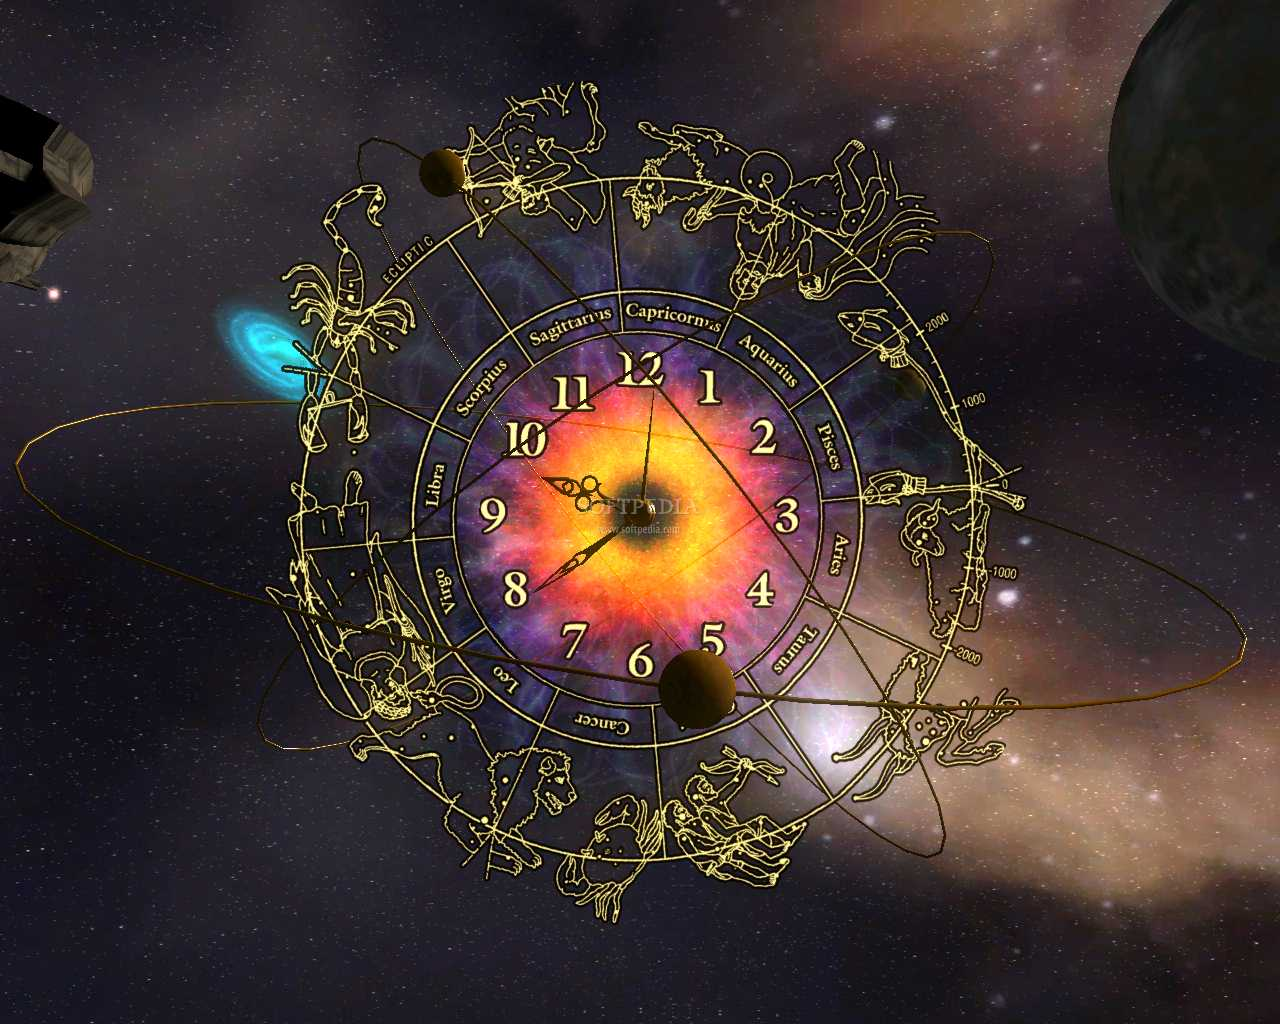 Luz de nekane las palabras clave de los signos zodiacales - Orden de los signos zodiacales ...